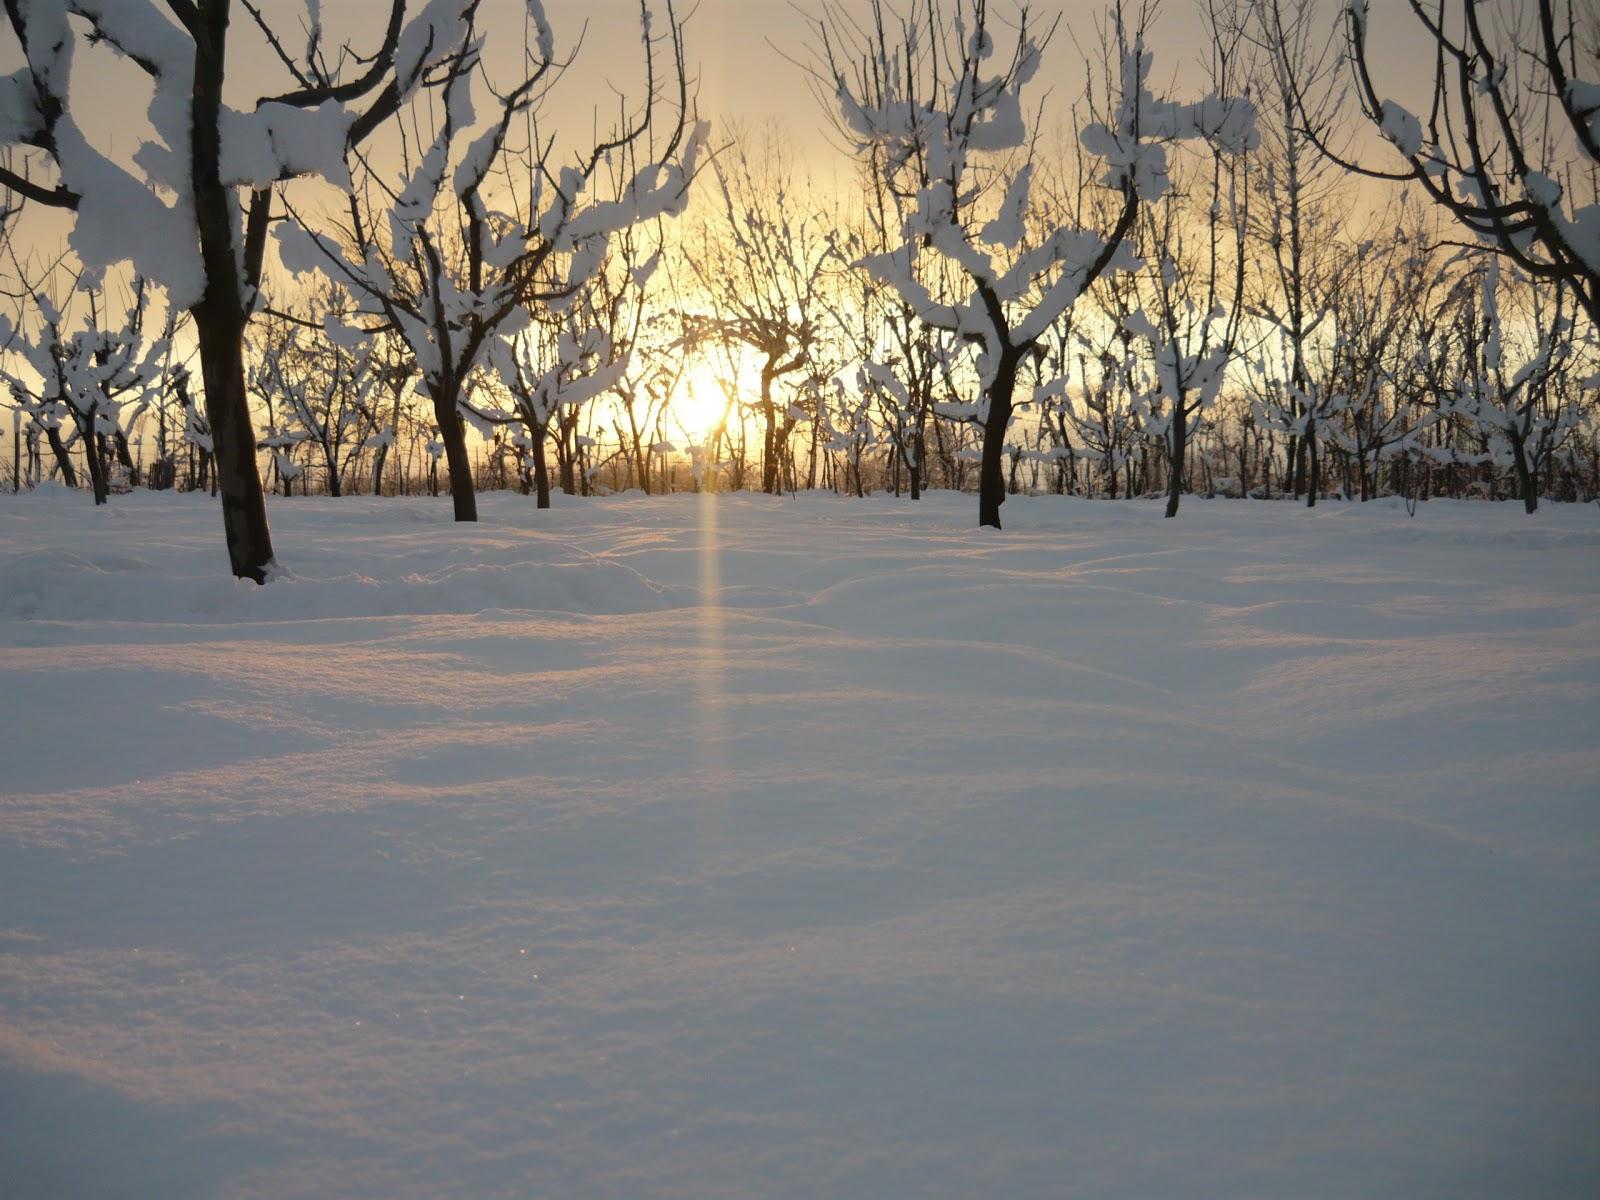 sunset in kashmir during snow wallpaper   hd kashmir wallpapers